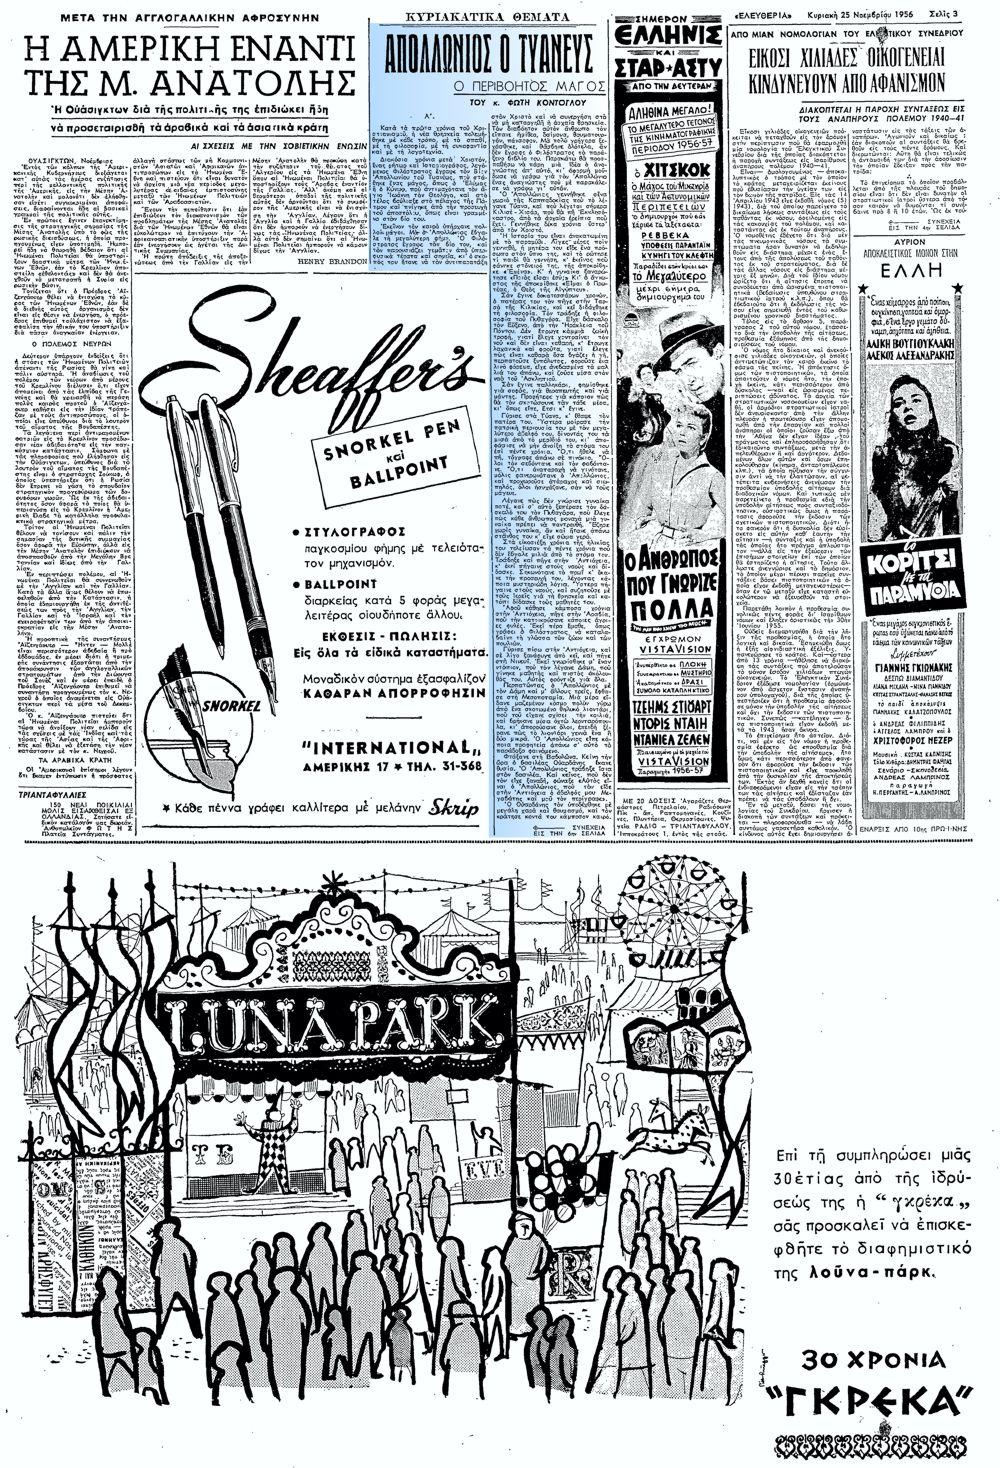 """Το άρθρο, όπως δημοσιεύθηκε στην εφημερίδα """"ΕΛΕΥΘΕΡΙΑ"""", στις 25/11/1956"""